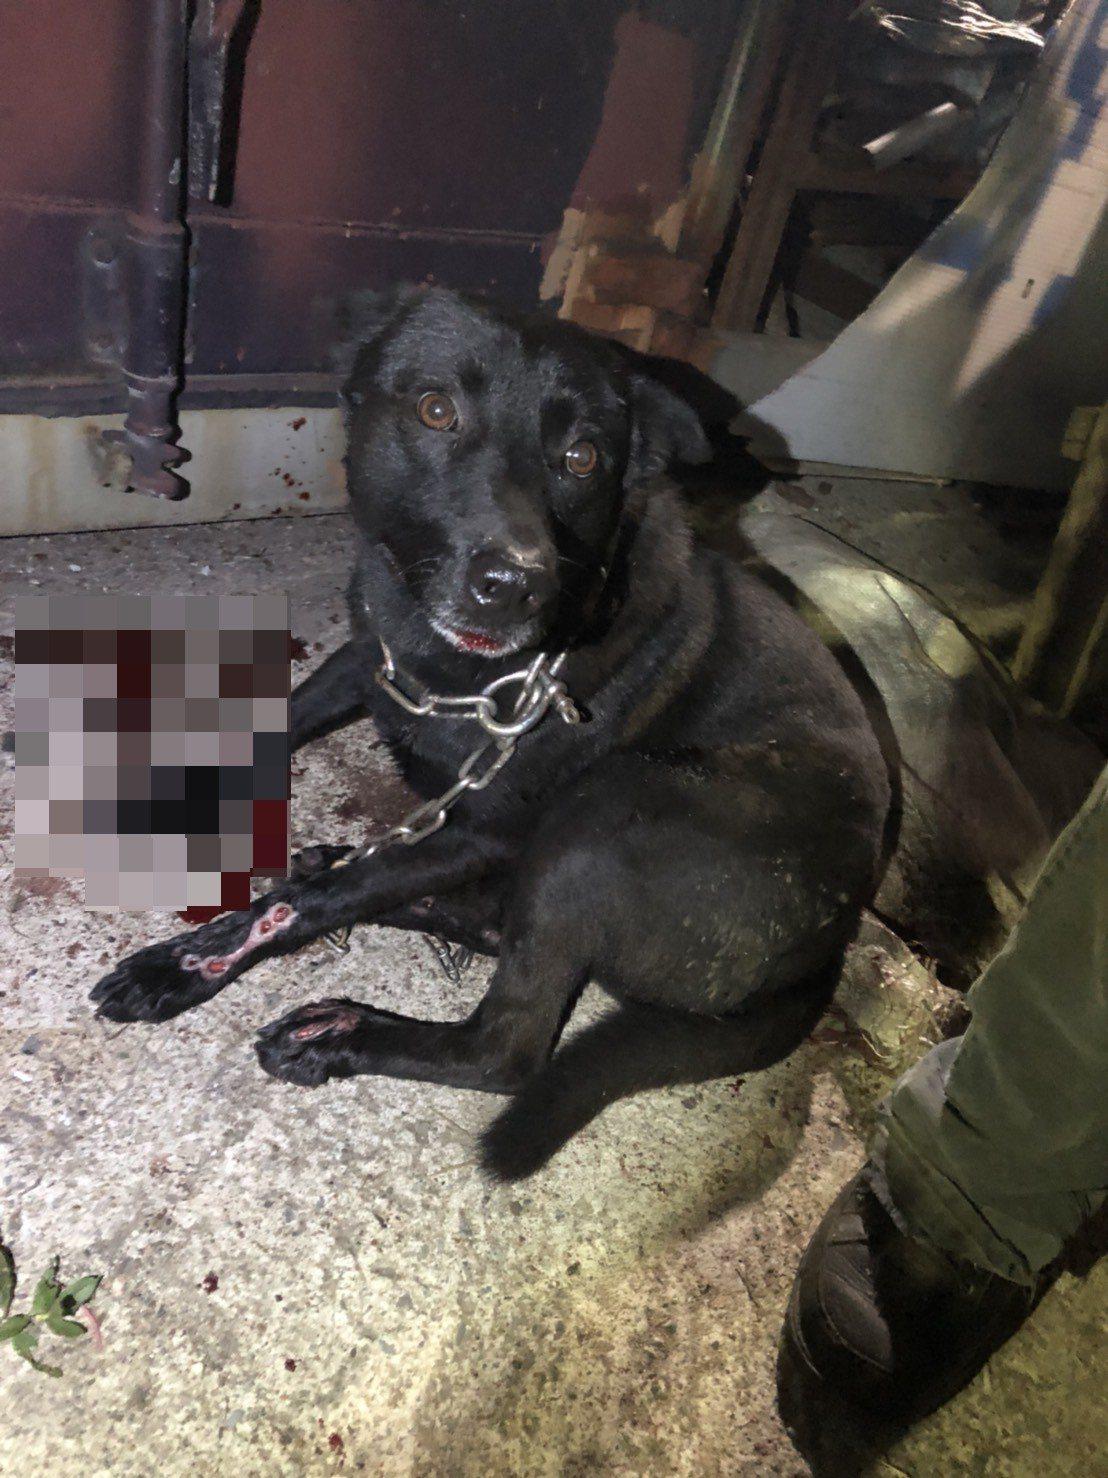 基隆動保所前往了解後,發現黑狗四肢全部受傷流血,要求立即送醫,否則重罰。圖/動保...